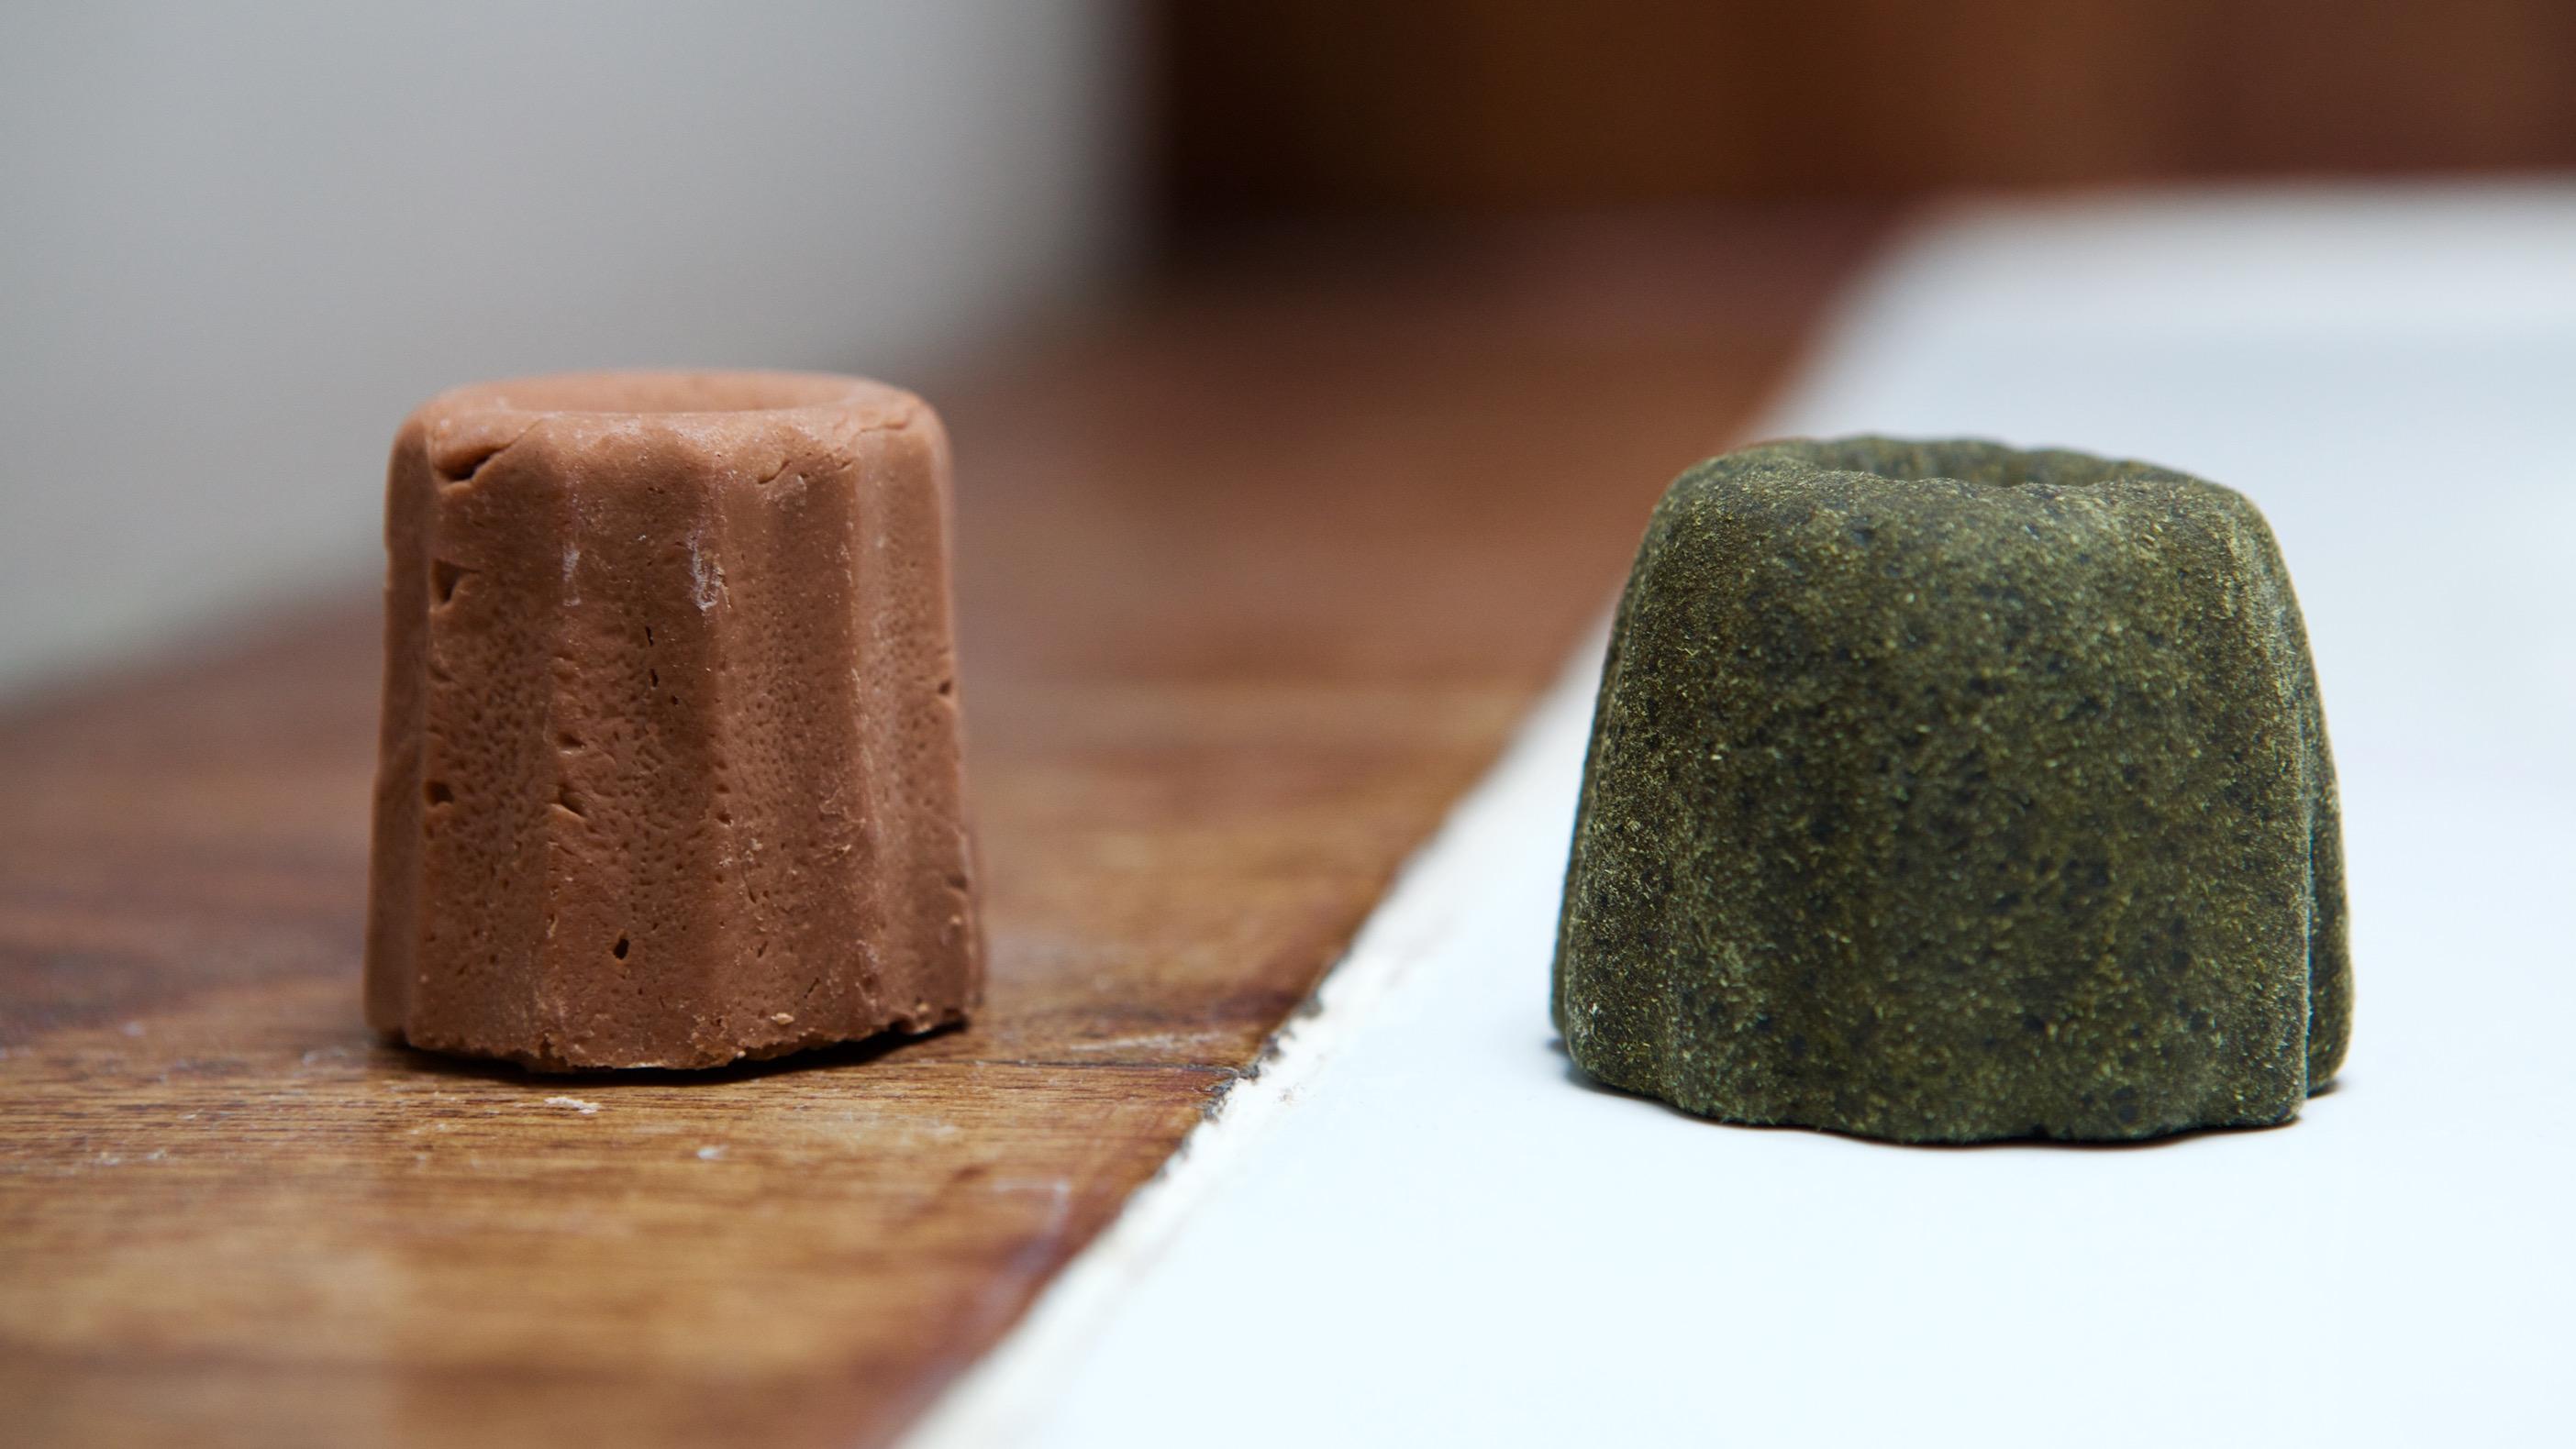 Un shampoing solide fait maison presque 100% naturel